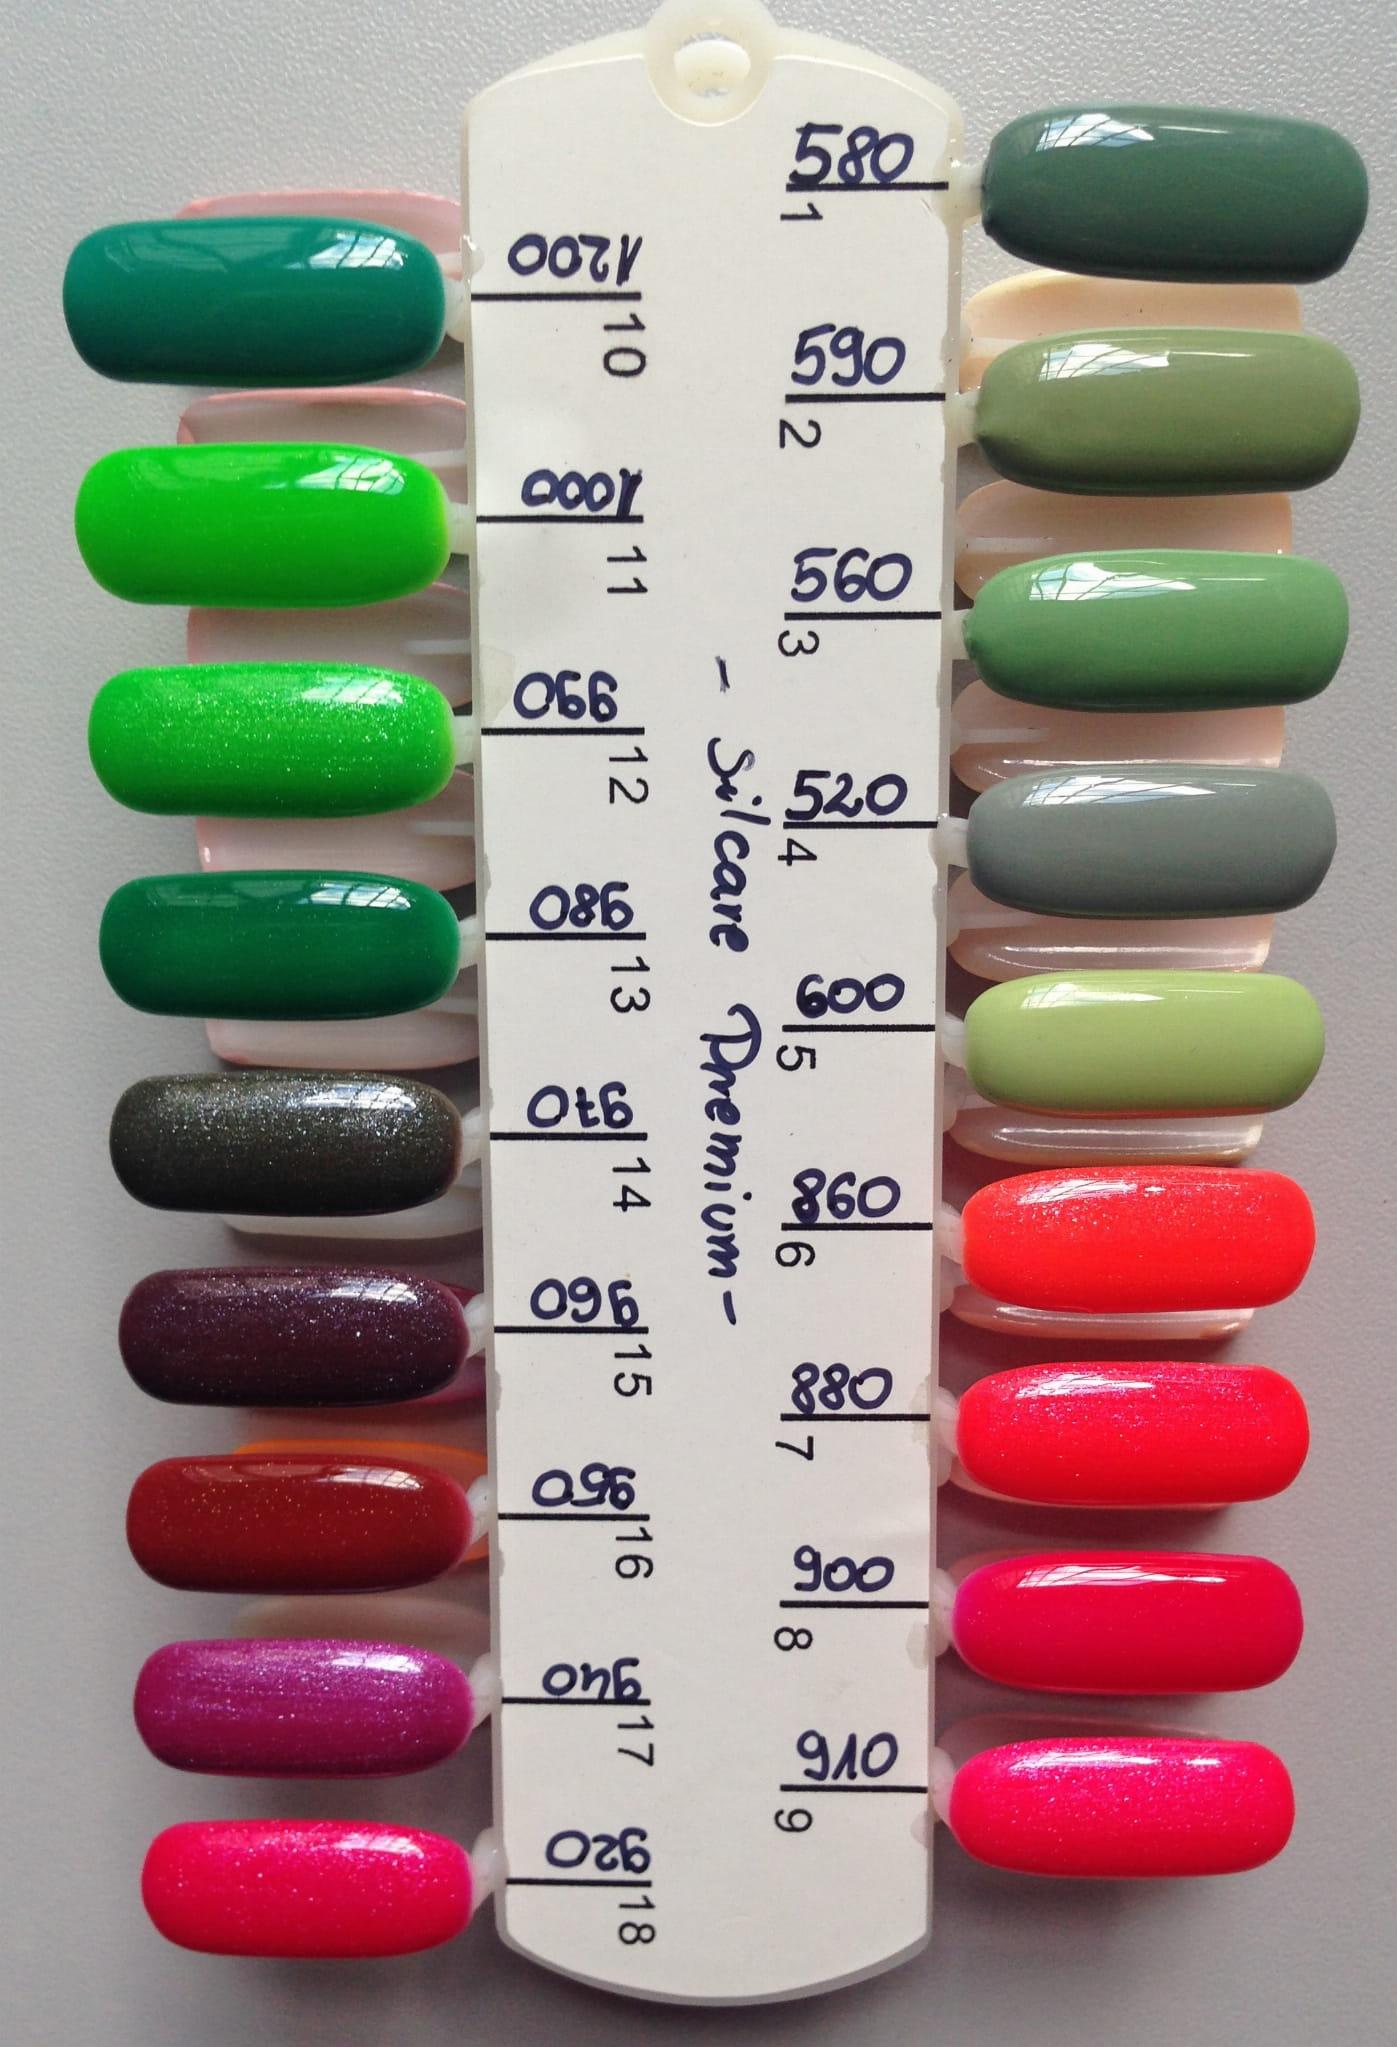 W Ultra Color it Premium - Lakier hybrydowy z brokatem 6g LadySi.com.pl CE63